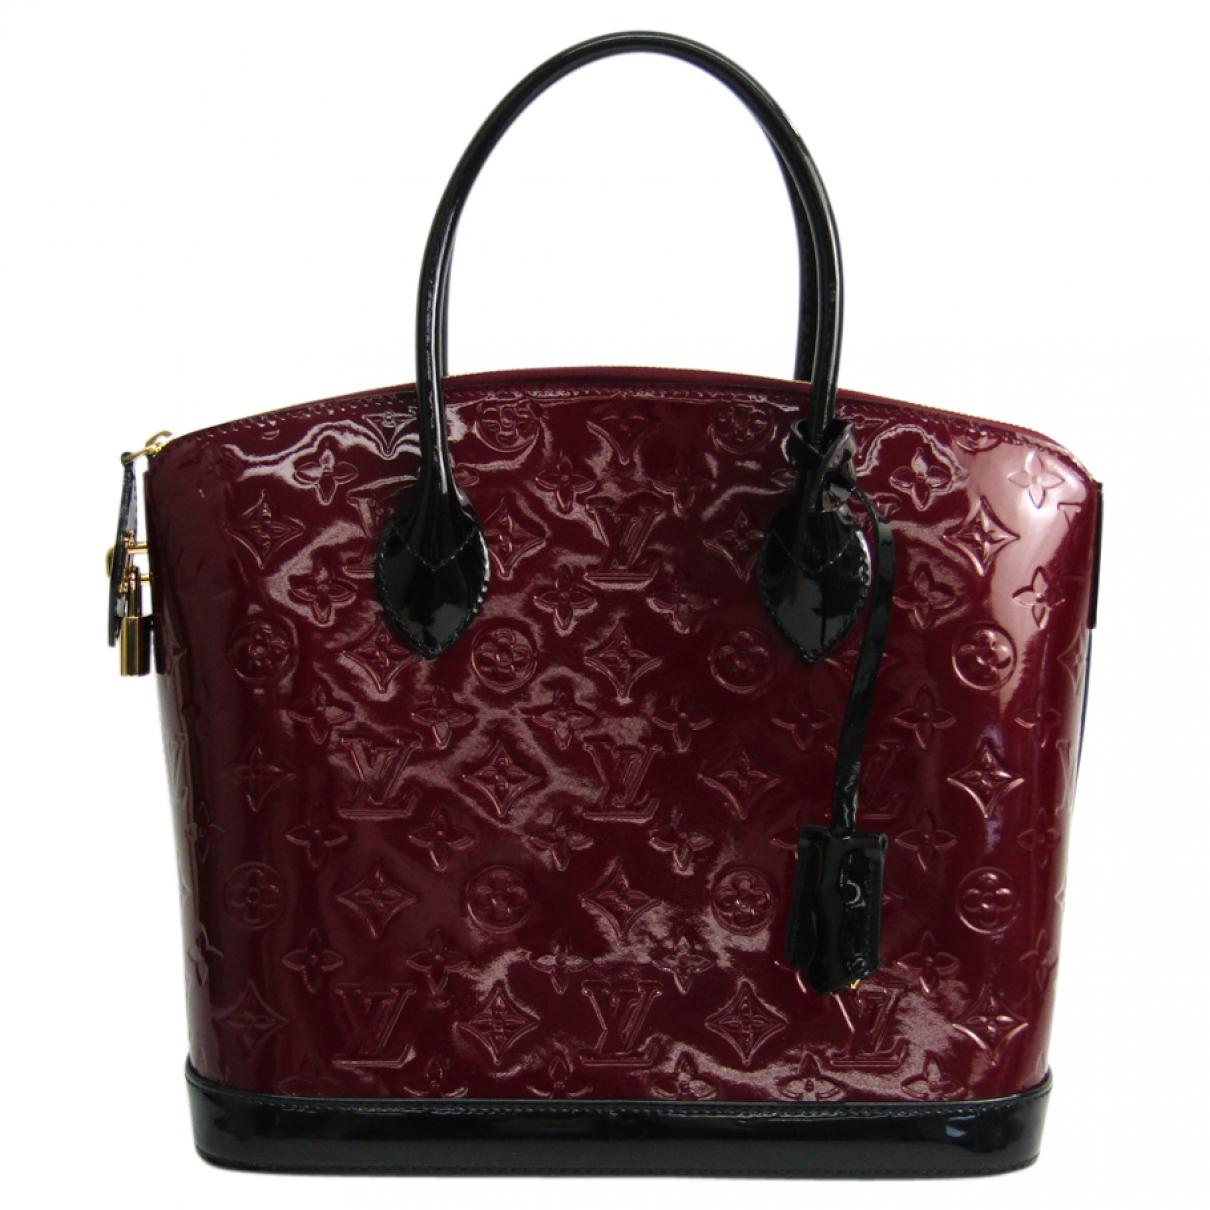 Louis Vuitton - Sac a main Lockit Vertical pour femme en cuir verni - bordeaux